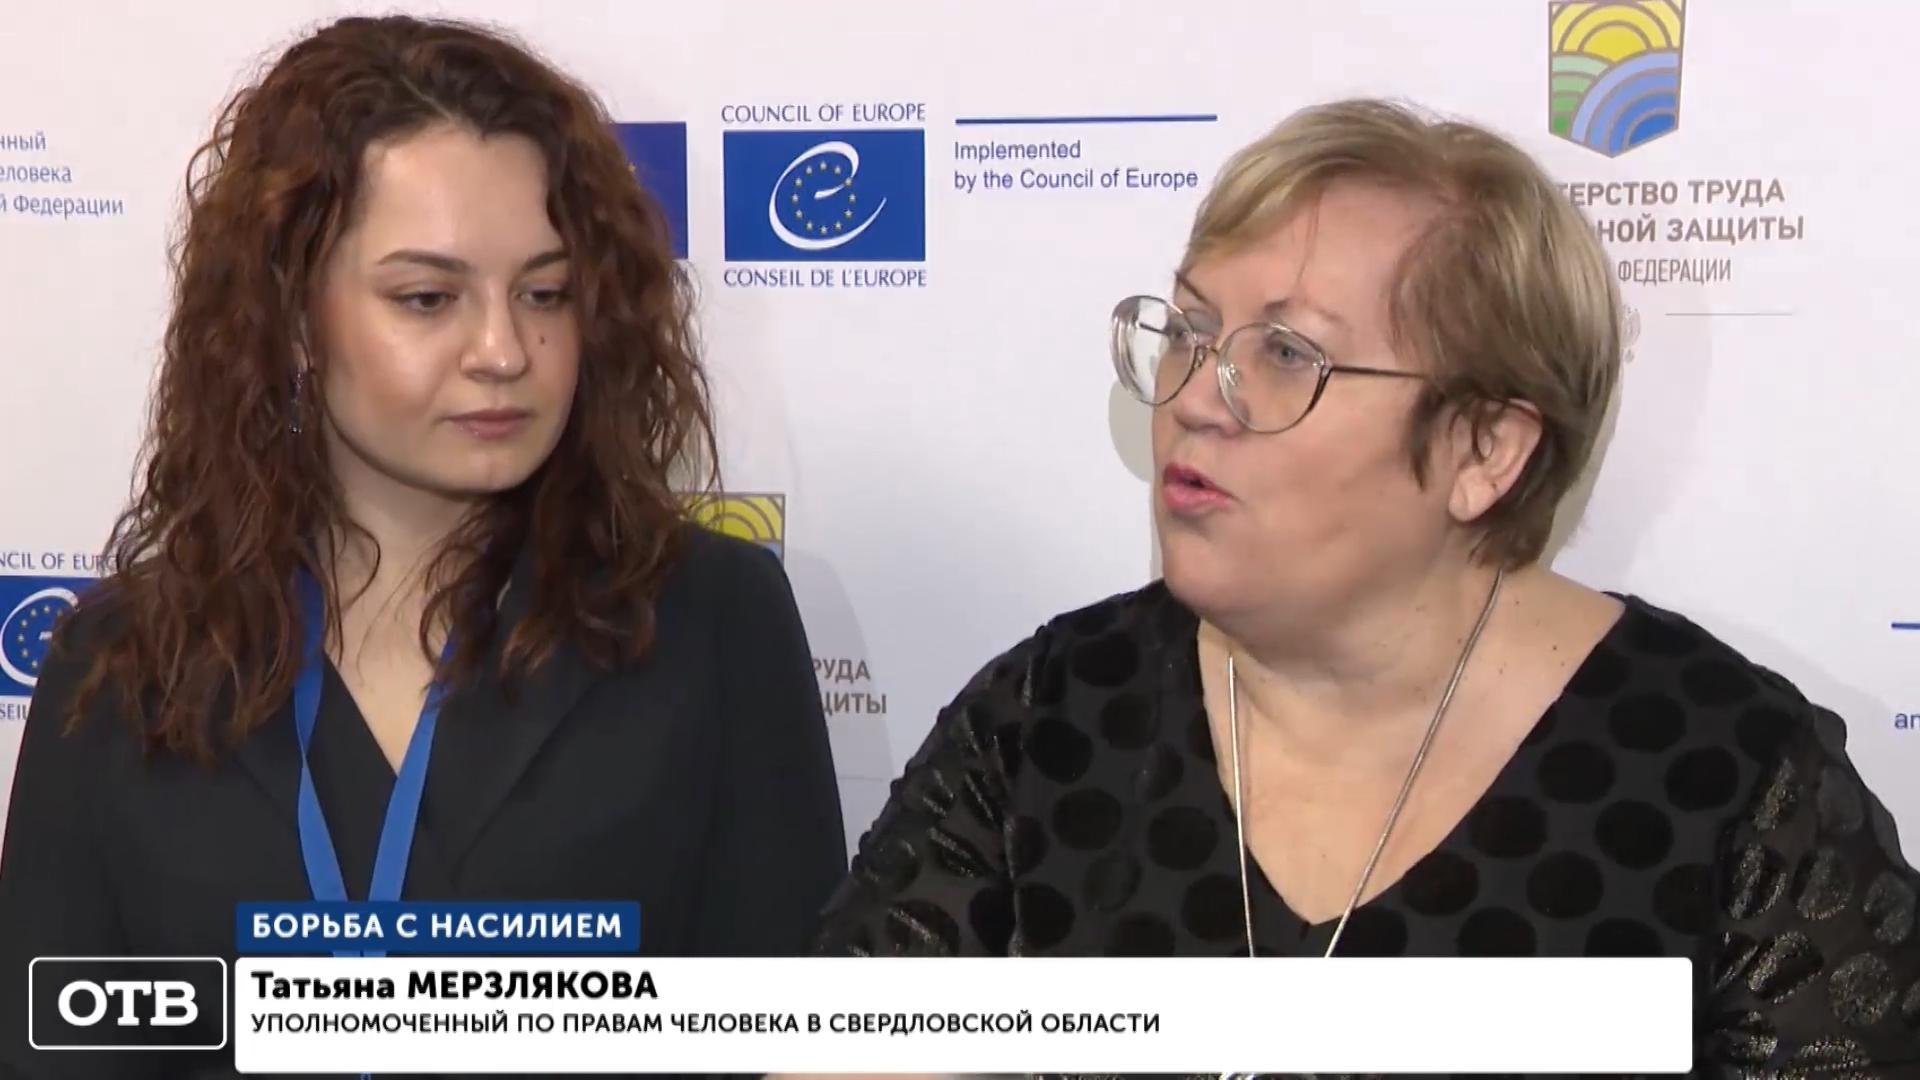 20200218_20-02-В Екатеринбурге стартовал двухдневный семинар по борьбе с домашним насилием-pic06